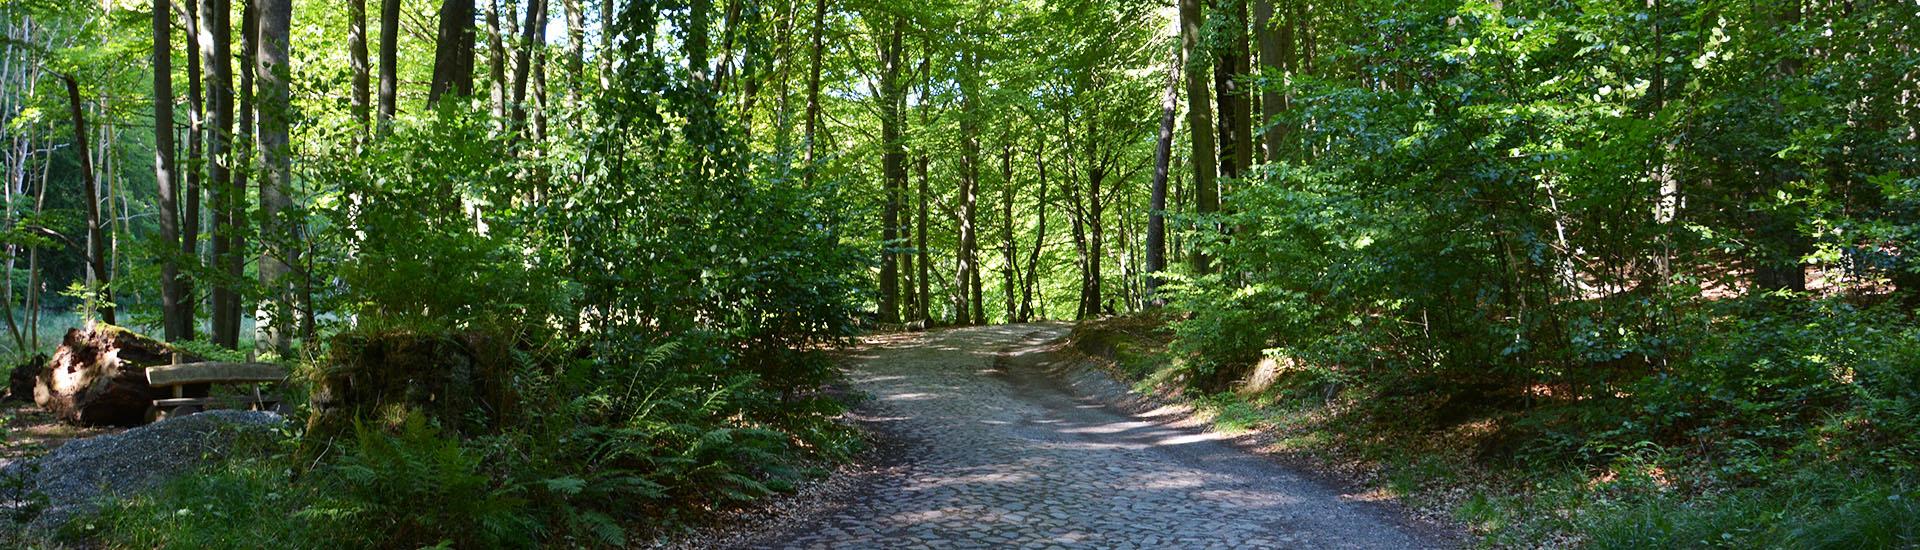 Slider_1920x550_Buchenwald Sassnitz_01